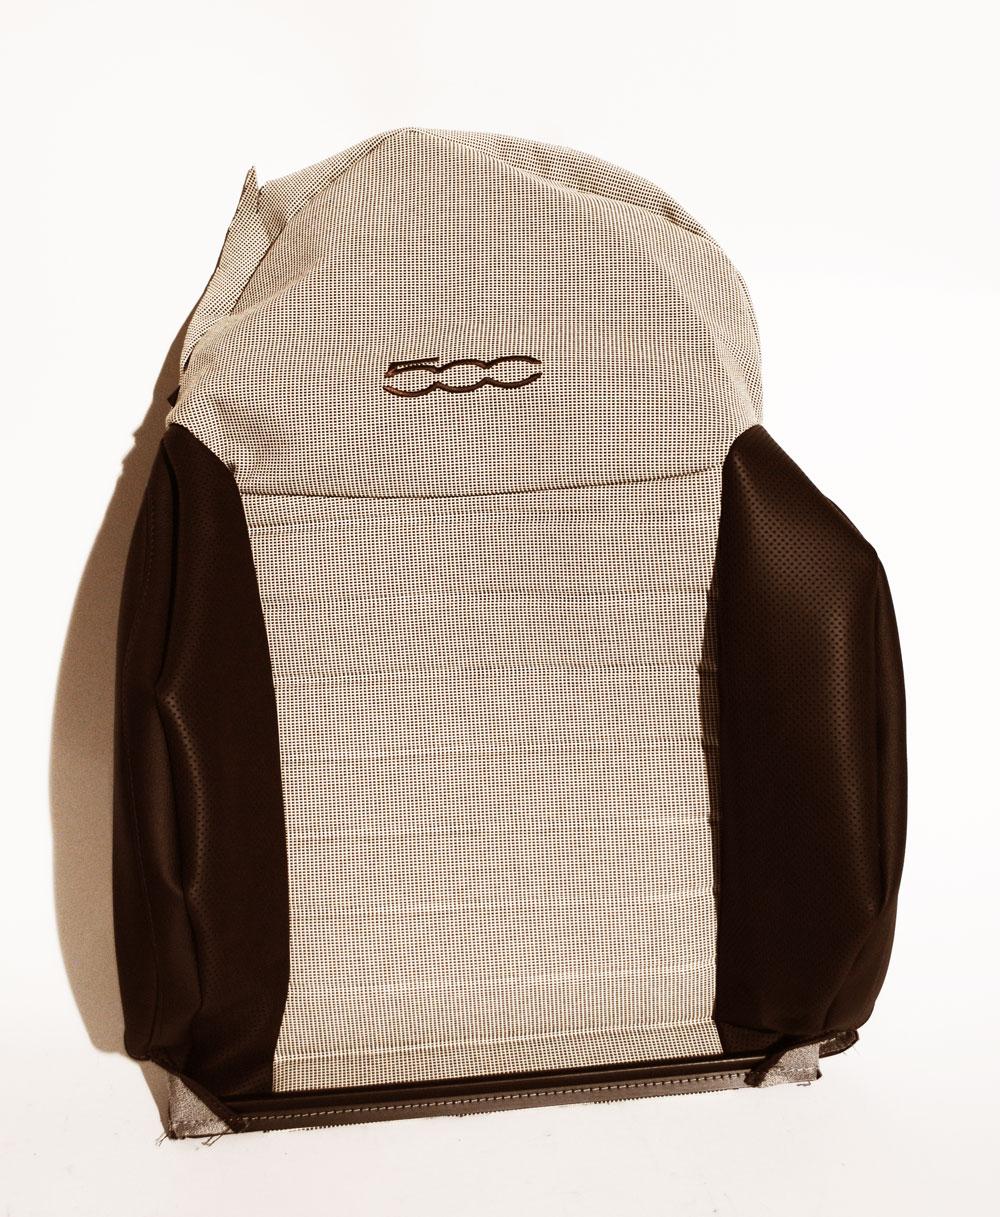 original fiat sitzbezug leder fiat 500 312 links 2007 2012 71753725 ebay. Black Bedroom Furniture Sets. Home Design Ideas